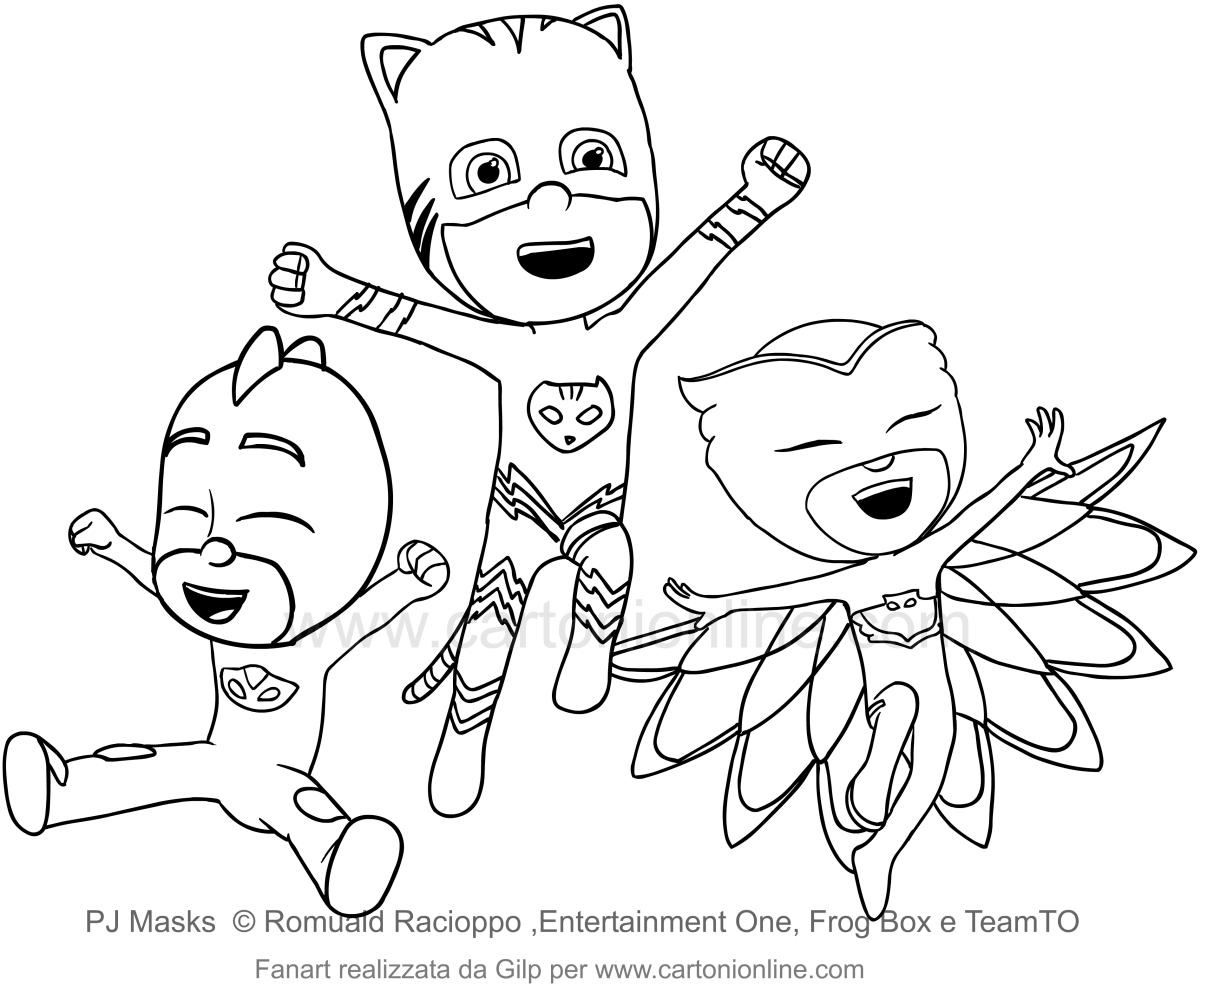 De PJ Masks Super-pyjama verheugt zich na wederom triomferen tegen de slechteriken